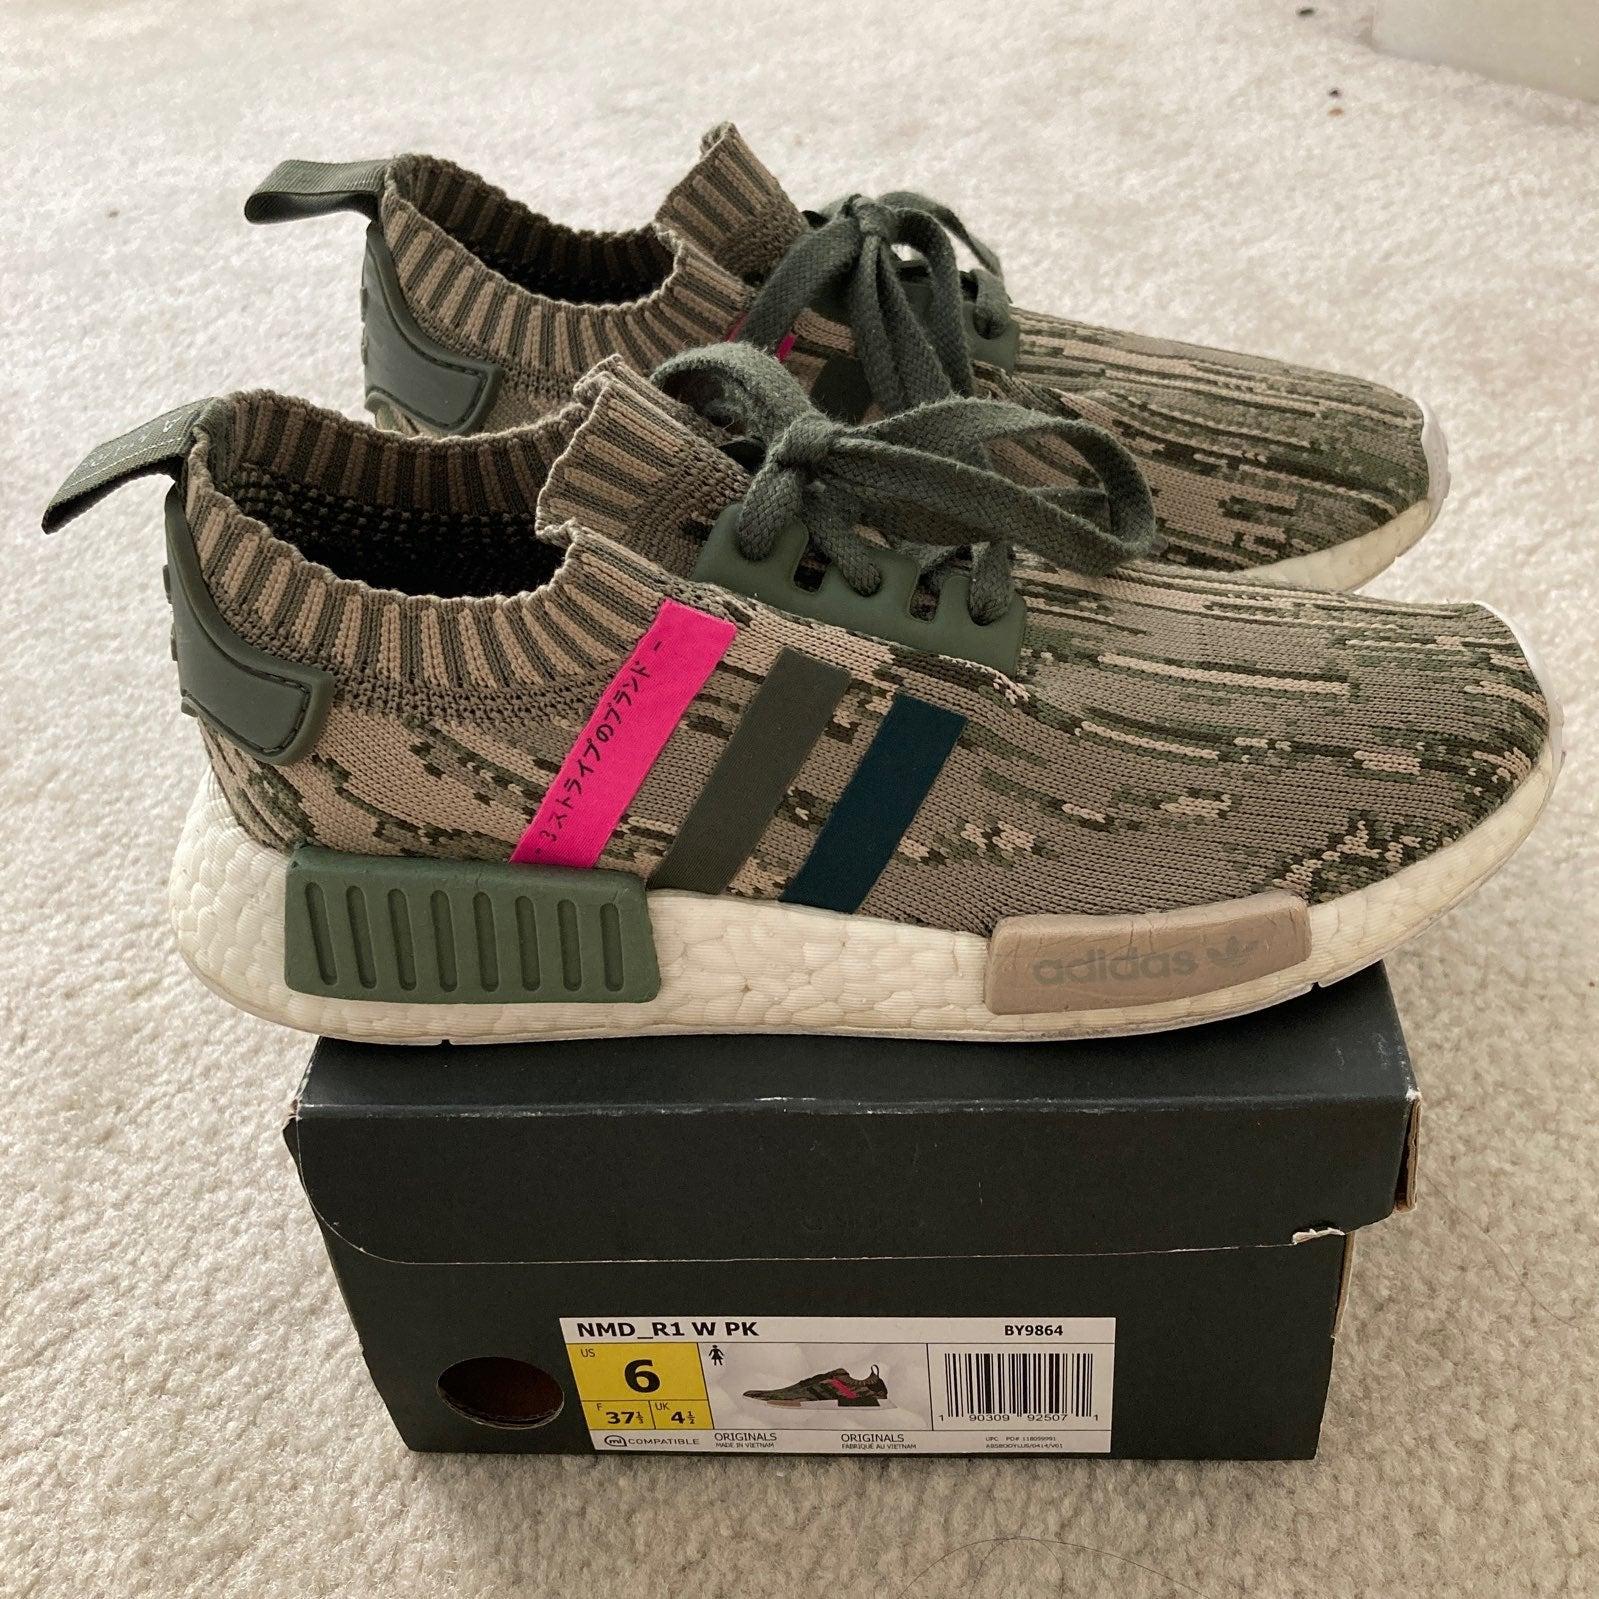 Adidas NMD_R1 W PK Size 6US W